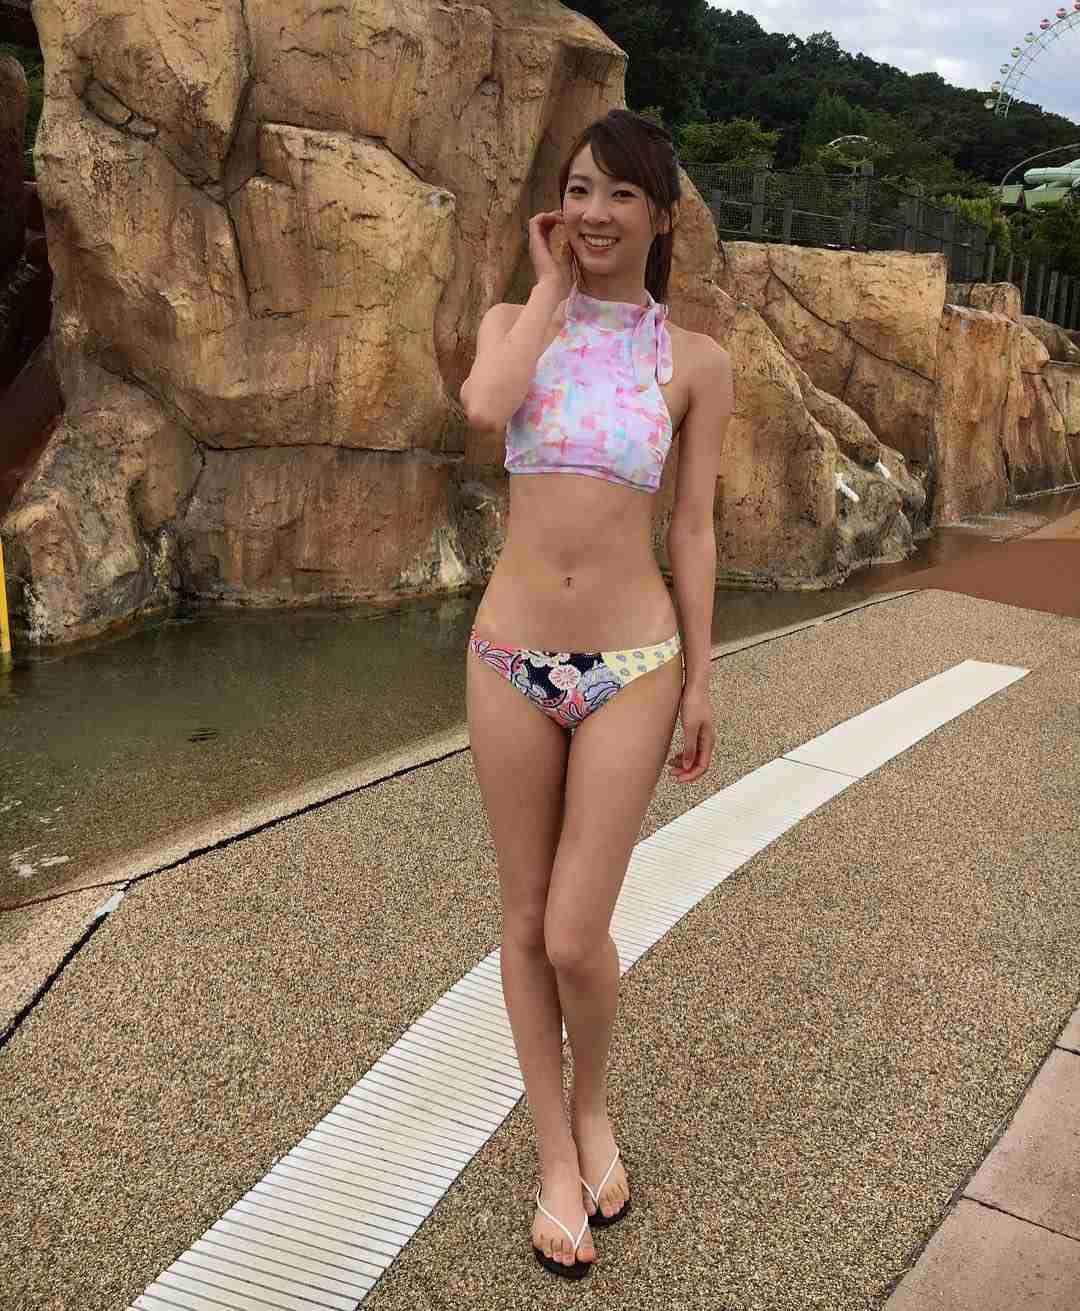 Kis-My-Ft2・千賀健永のデザインした「貝殻ビキニ」に女性が絶賛